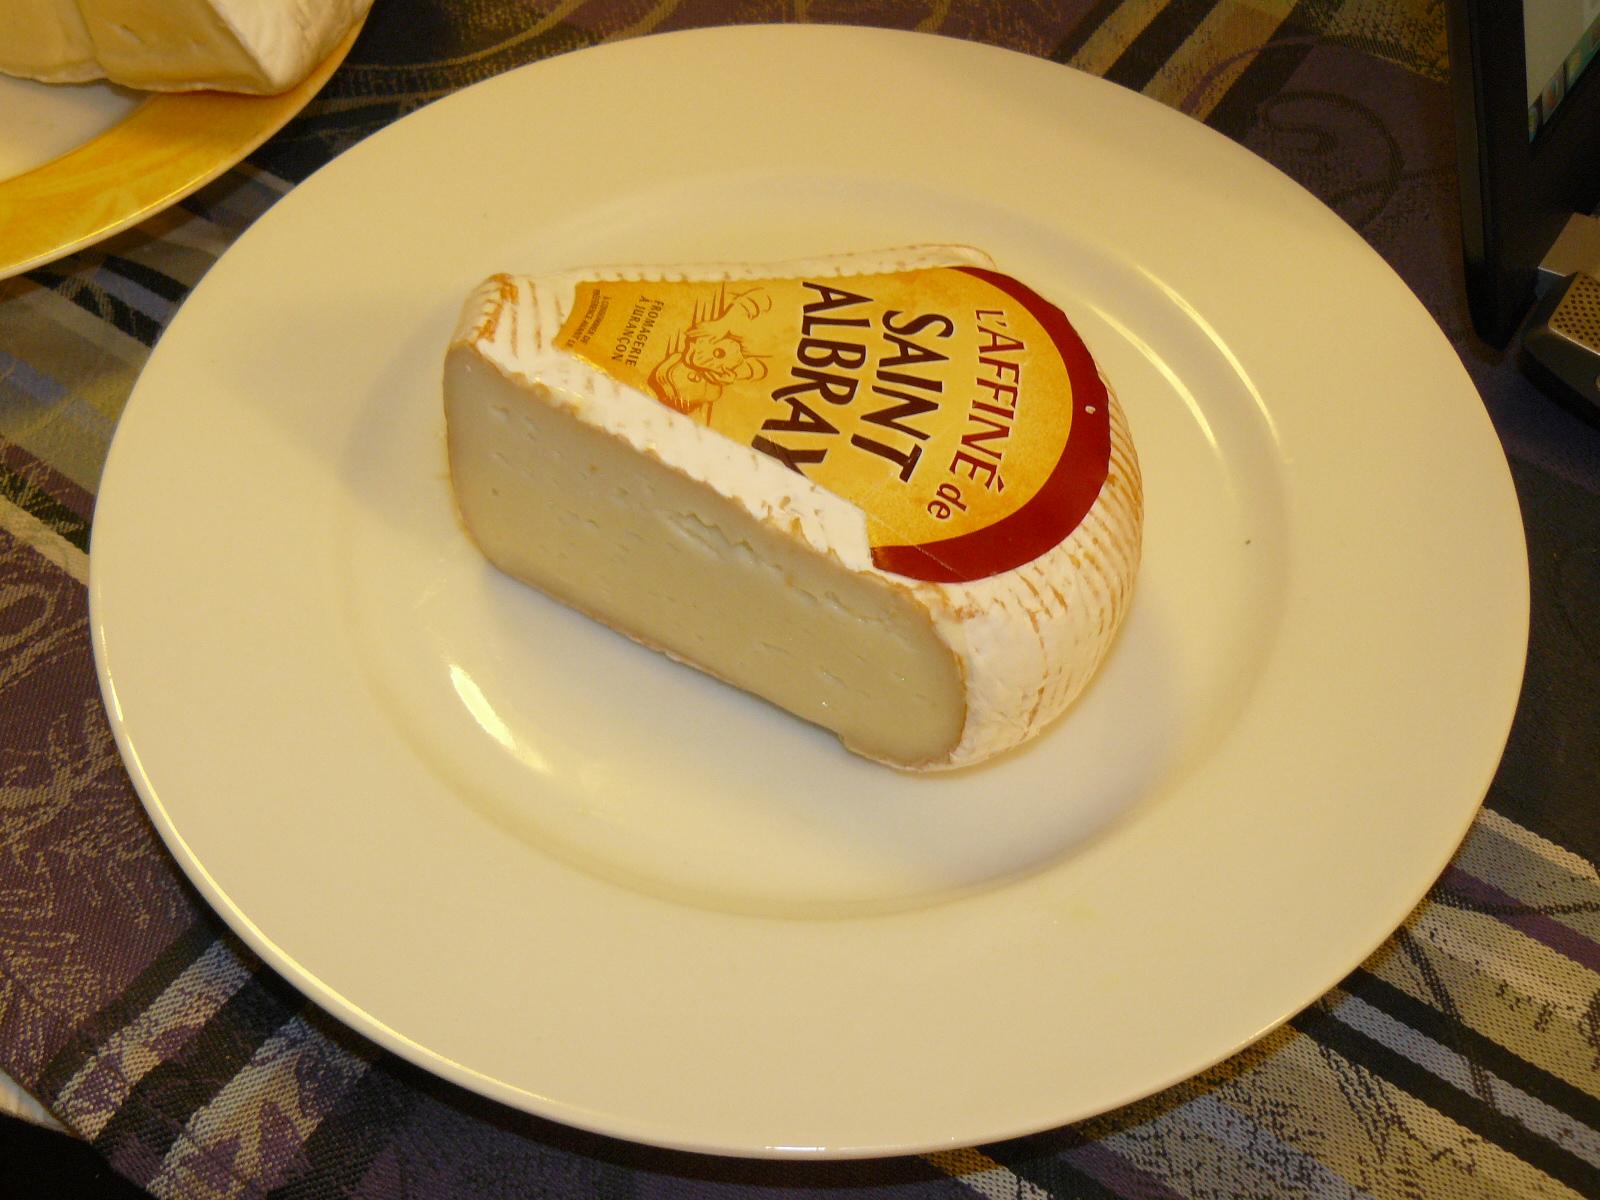 Bildergebnis für Wikimedia Commons Bilder Saint Albray Käse